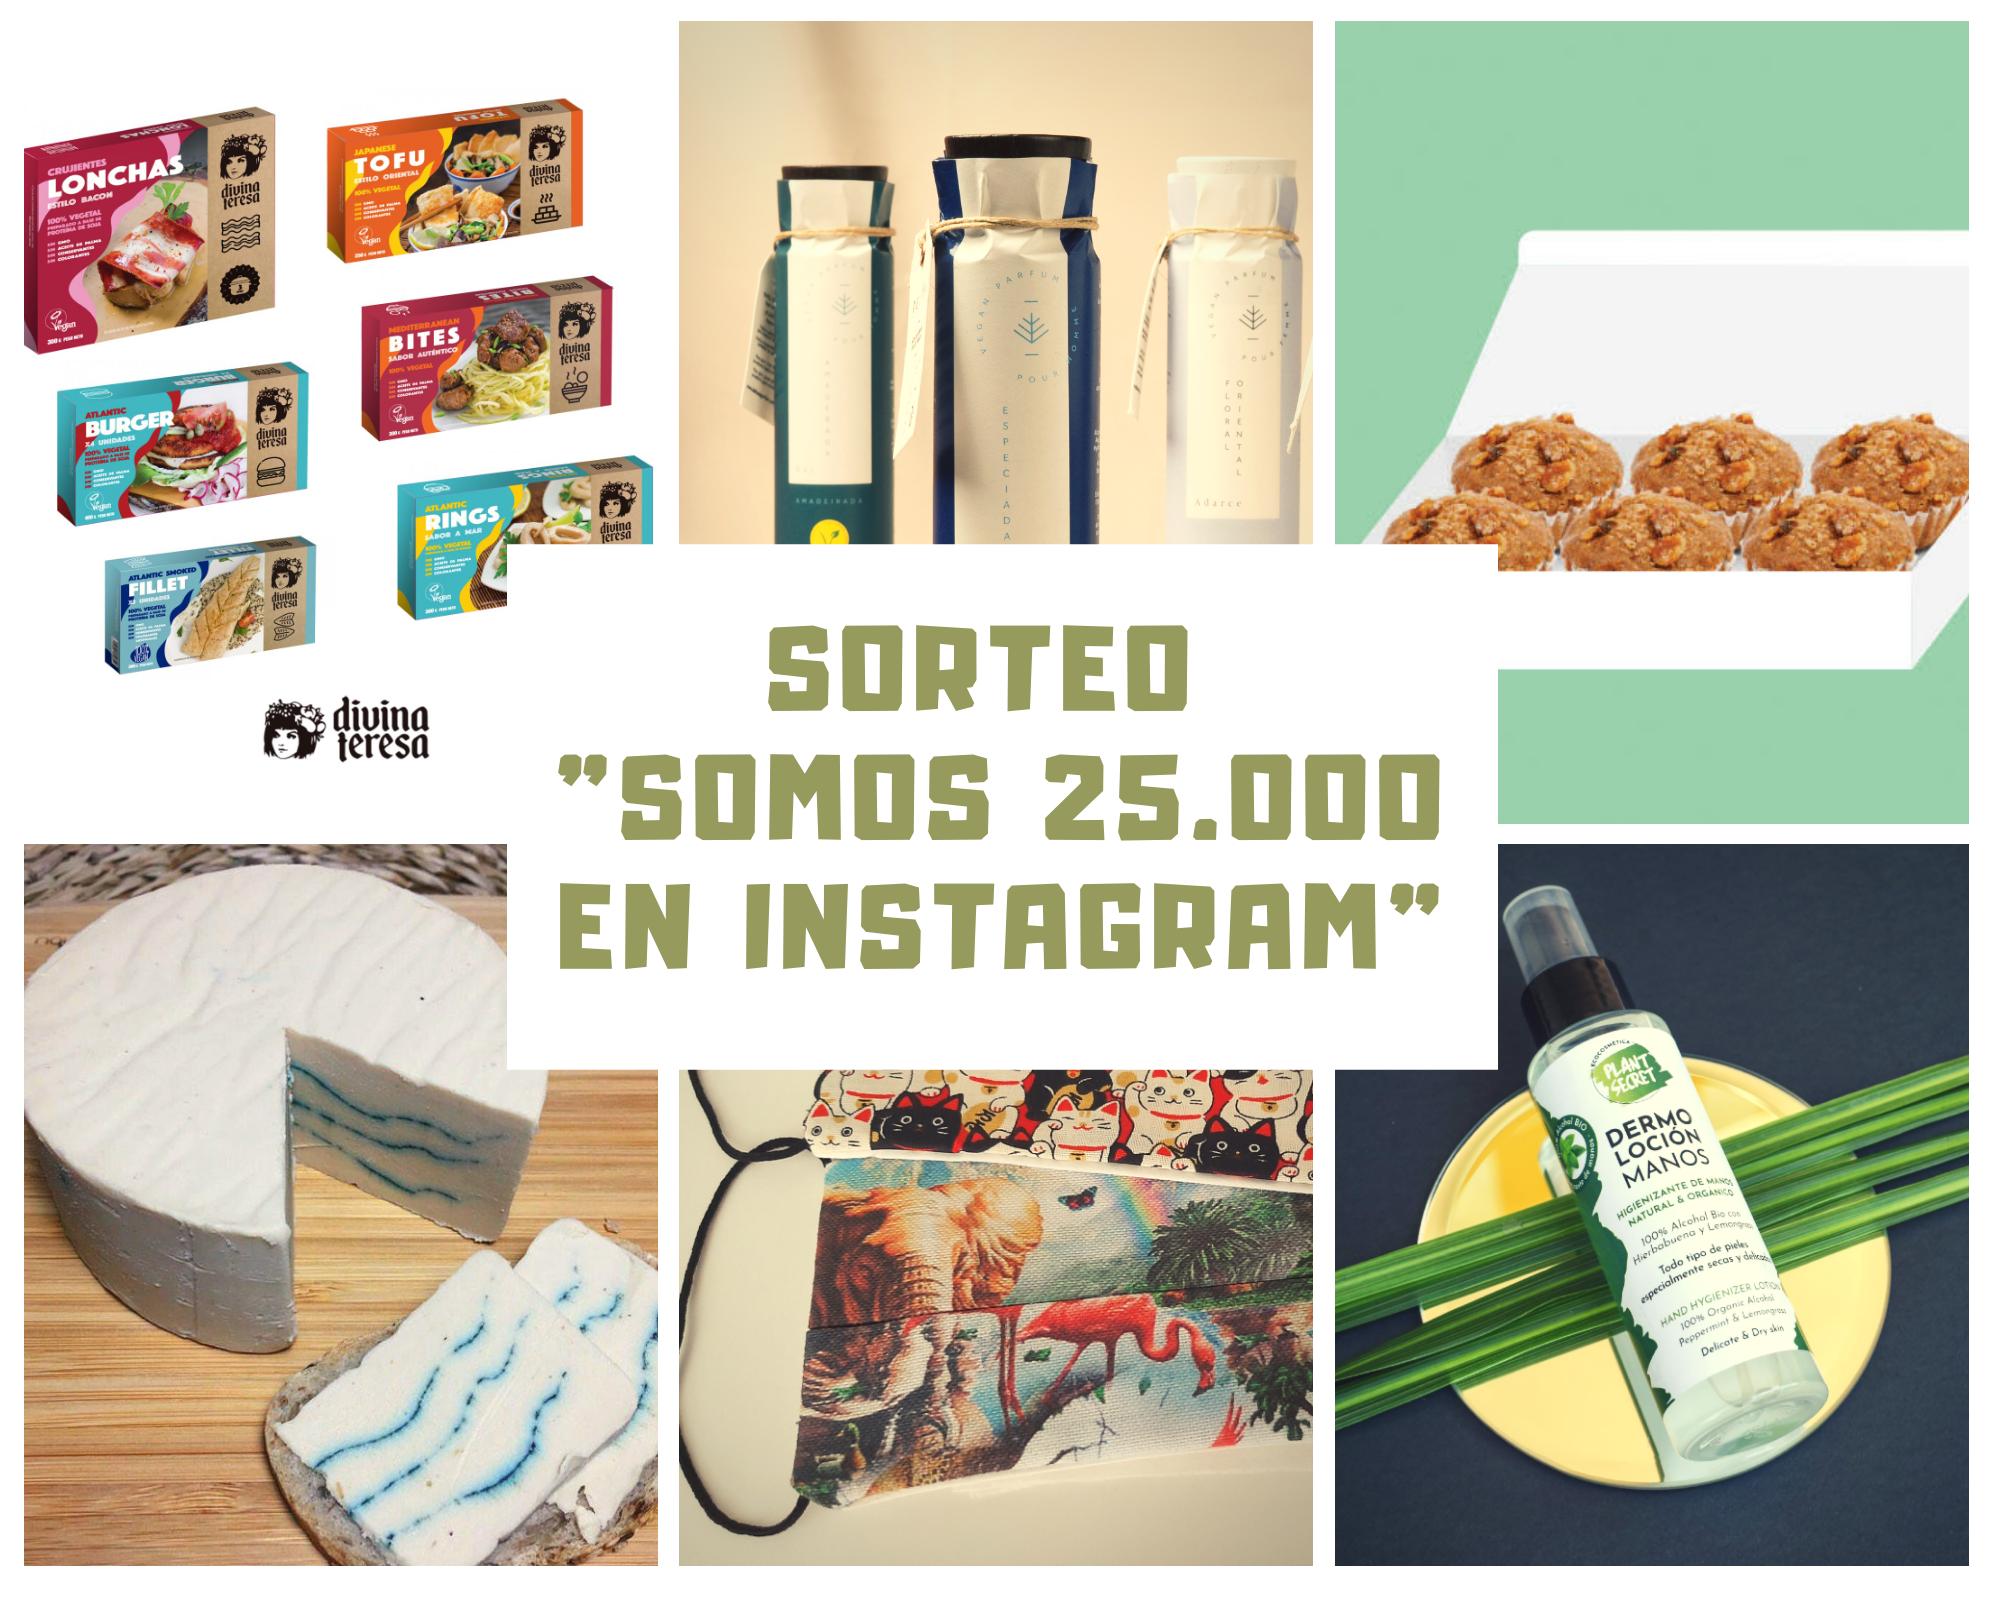 Sorteo_somos_25000_instagram